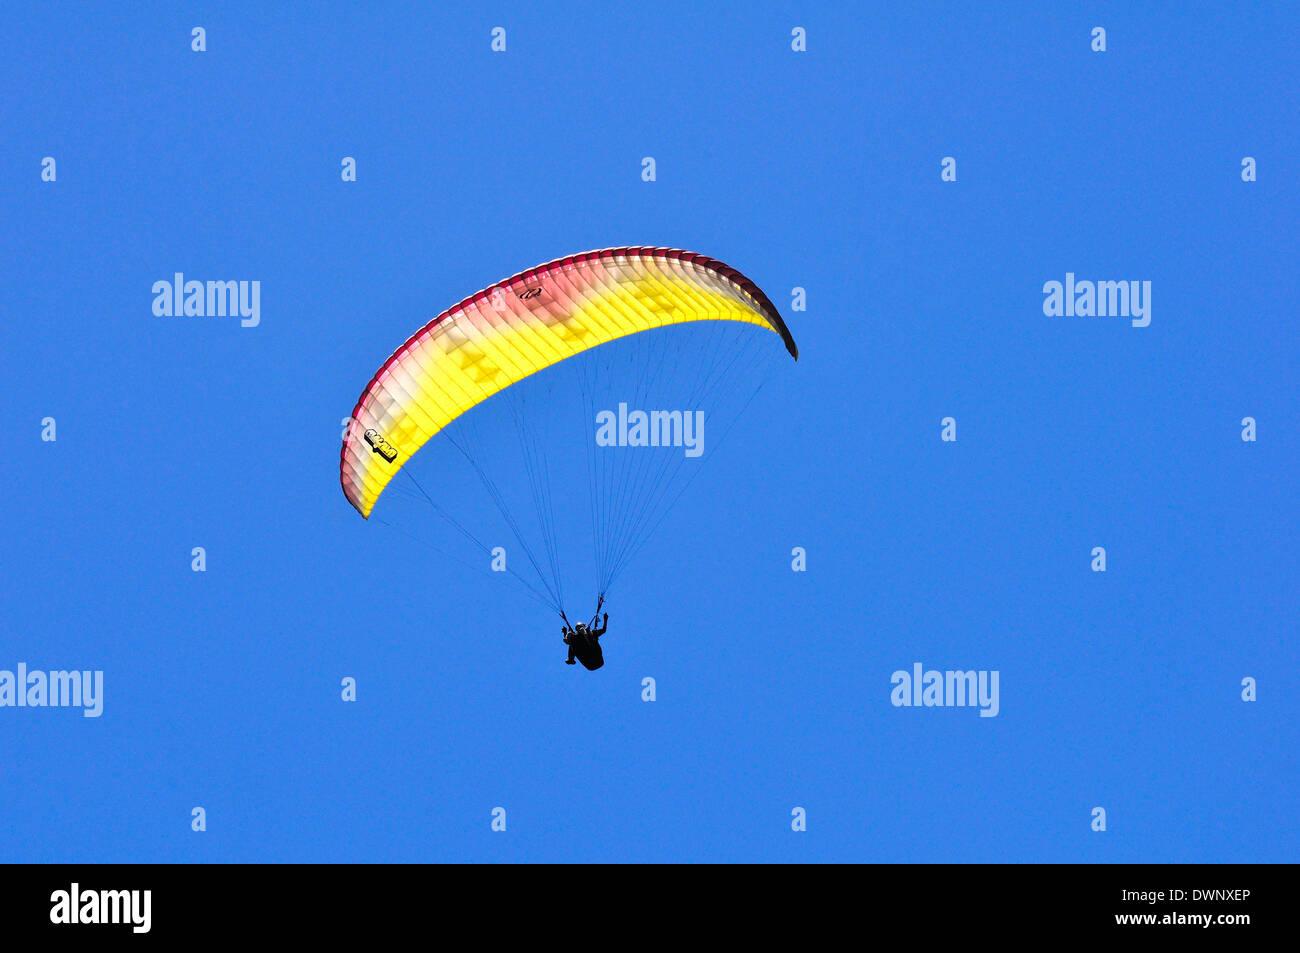 Paragliders at the Puy-de-Dôme volcano, Puy-de-Dôme, France Stock Photo